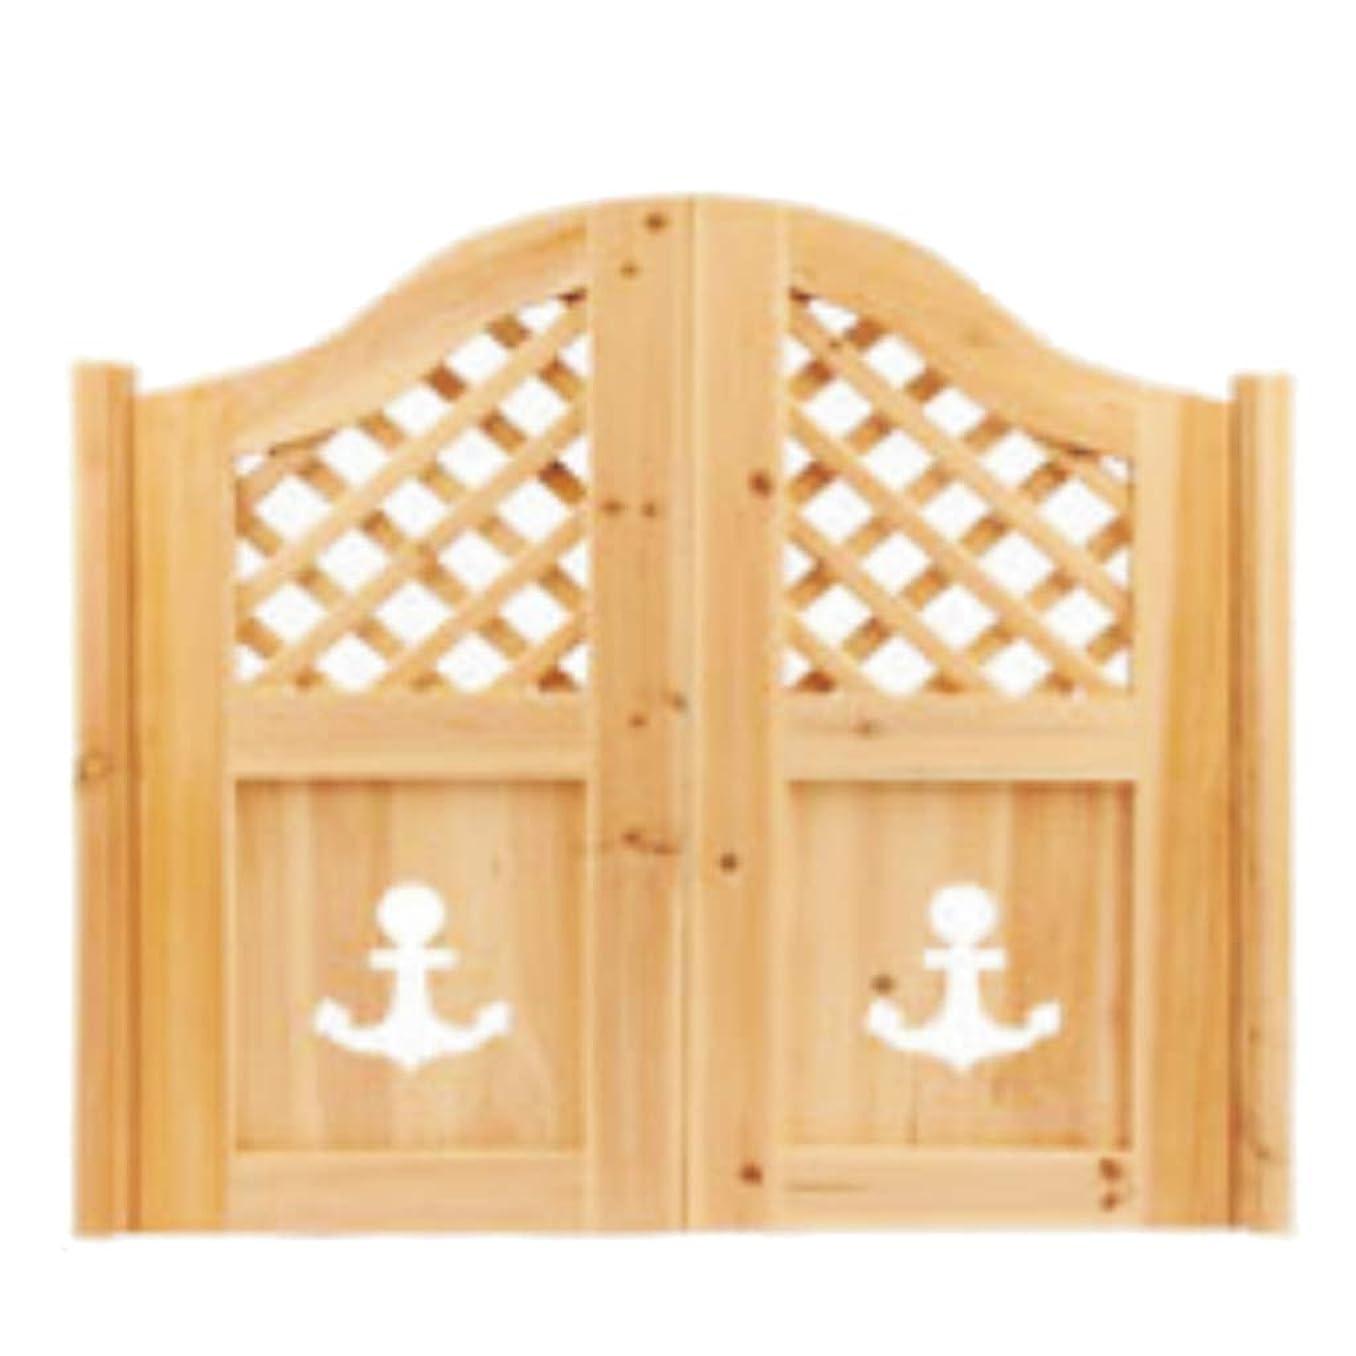 博覧会許可のぞき見未完成のスウィングカフェドア、サルーンドアガーデンパーティションポーチ、バーレストランキッチン戸口使用木製塗装なし-カスタマイズ可能